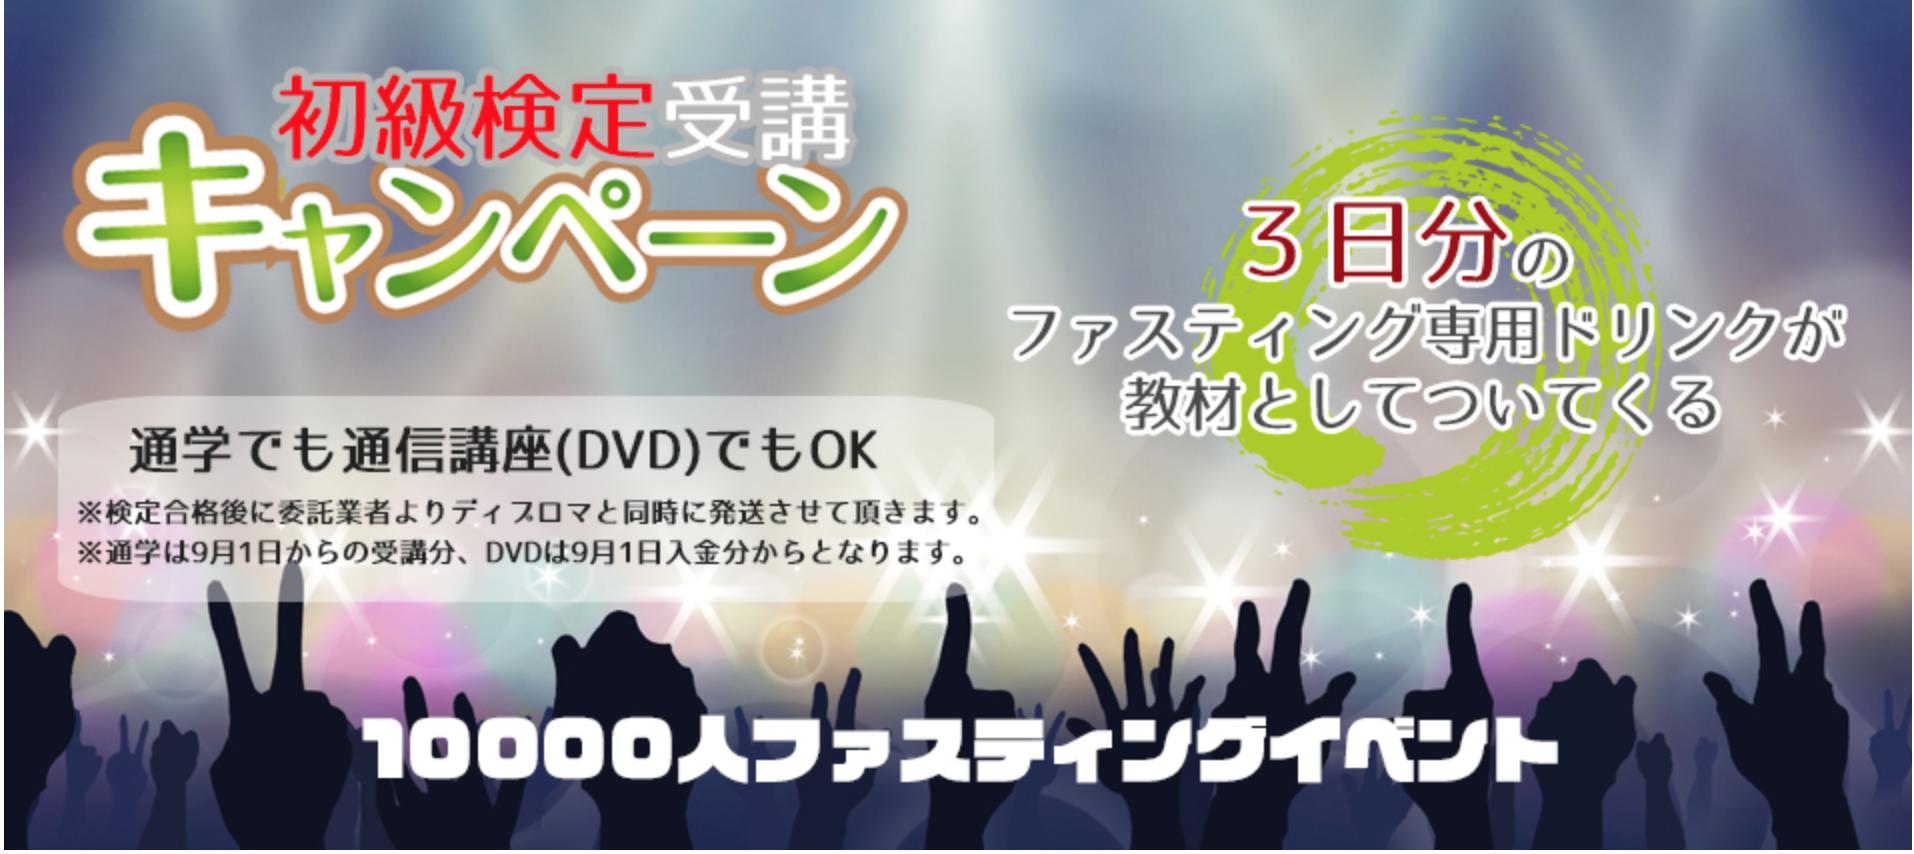 ファスティングマイスターが実質二万円引きで受けられる!期間限定キャンペーン実施中